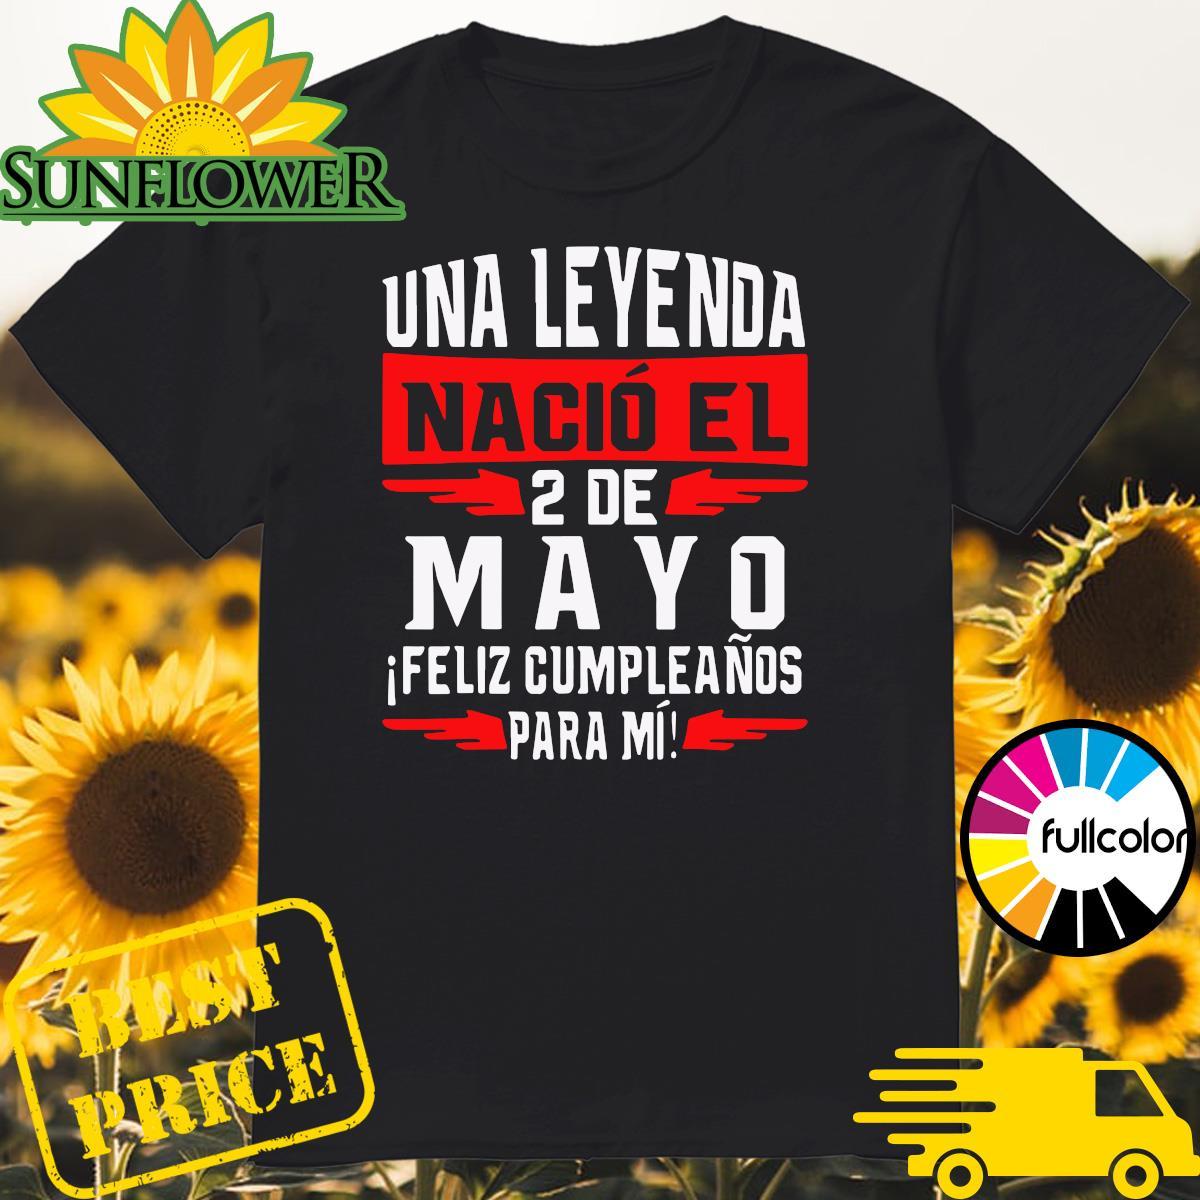 Official Una Leyenda Nacio El 2 De Mayo Shirt